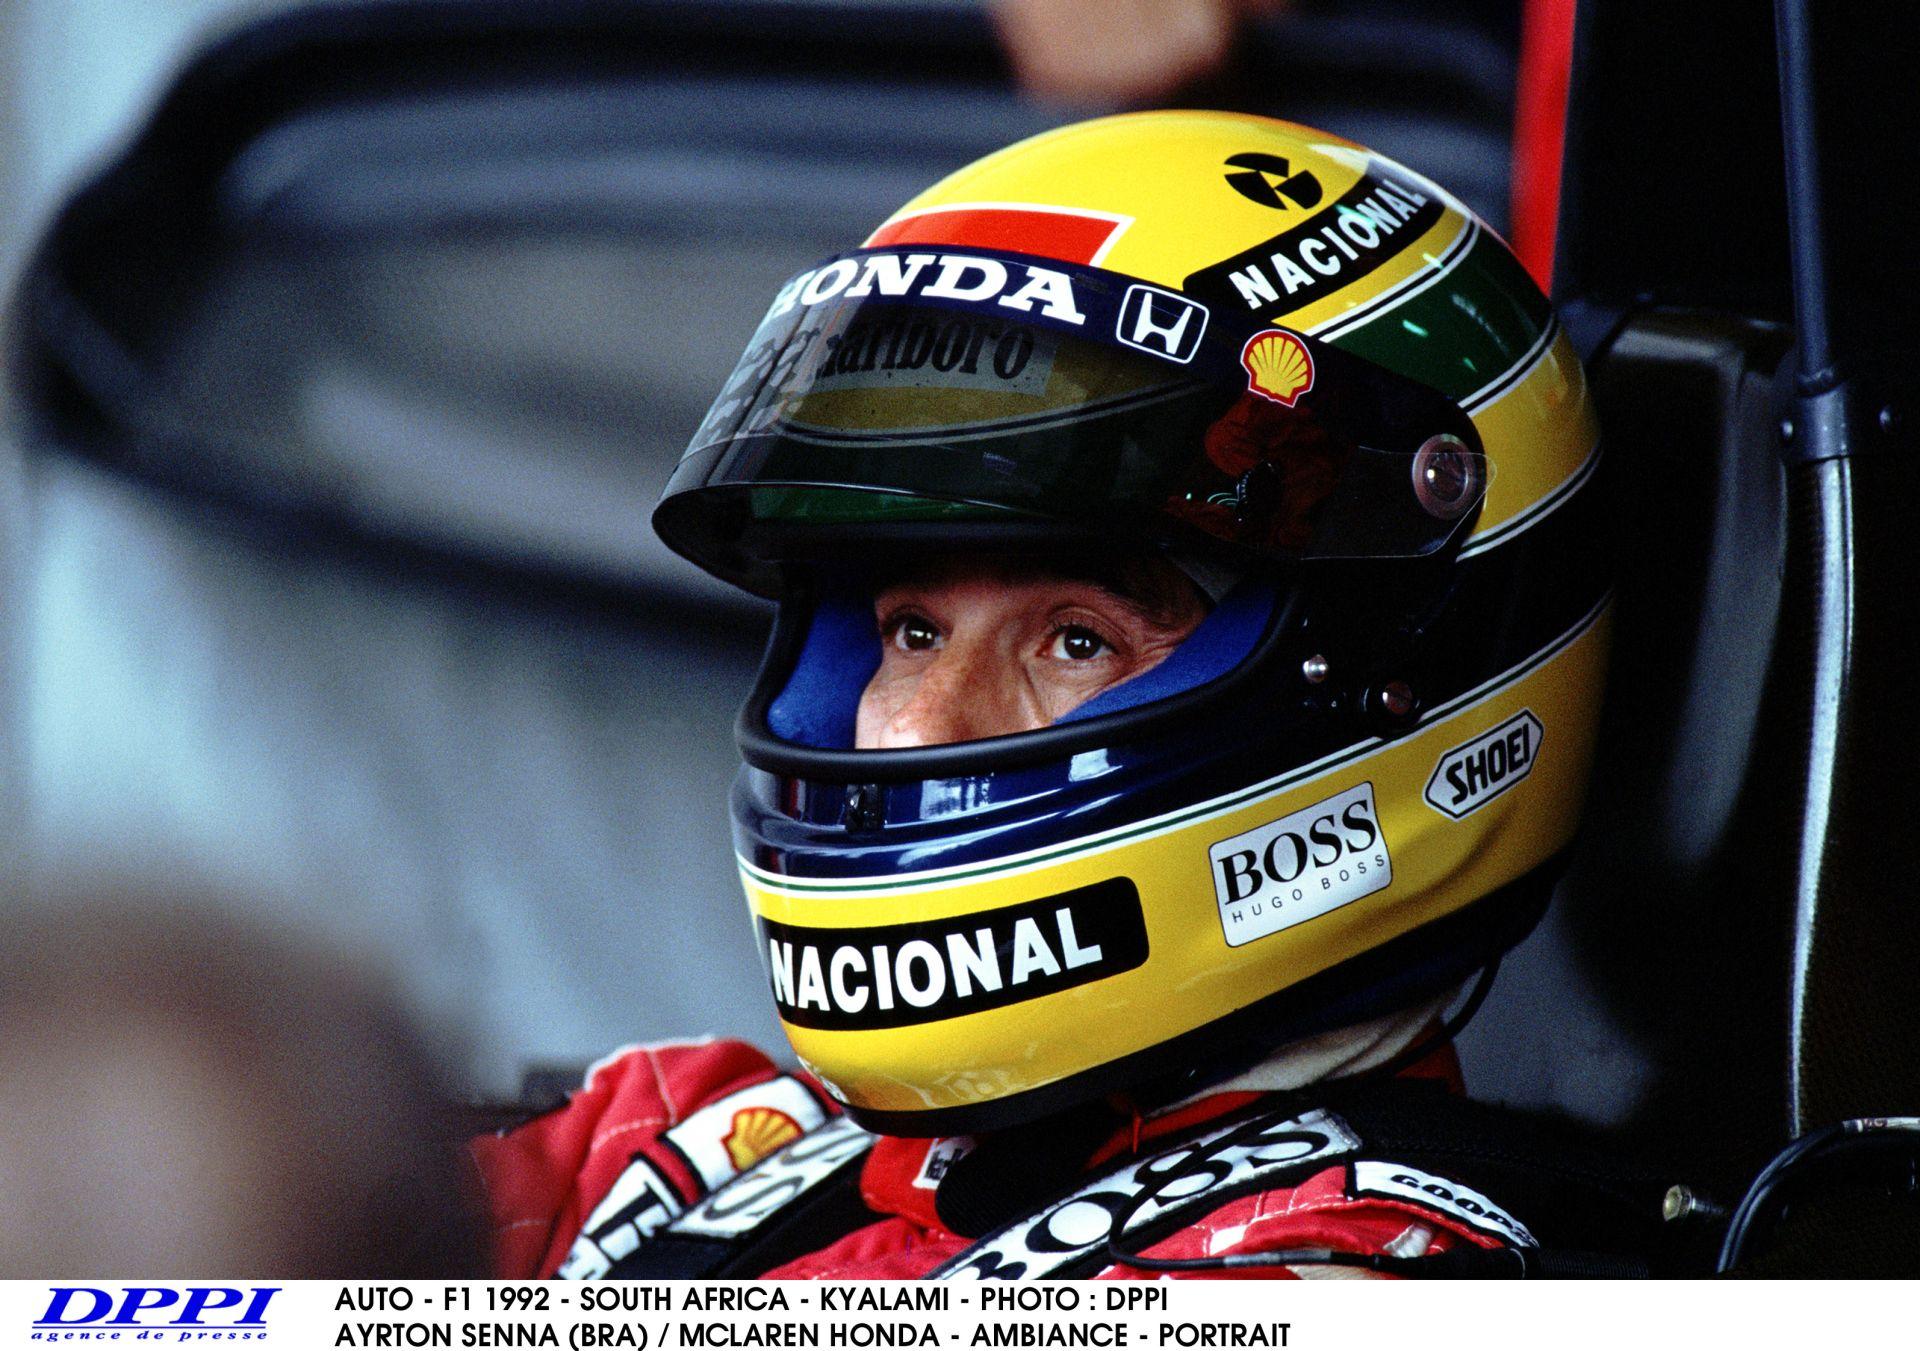 Ma 21 éve, hogy elhagyott bennünket Ayrton Senna: Minden idők legjobb F1-es versenyzője!